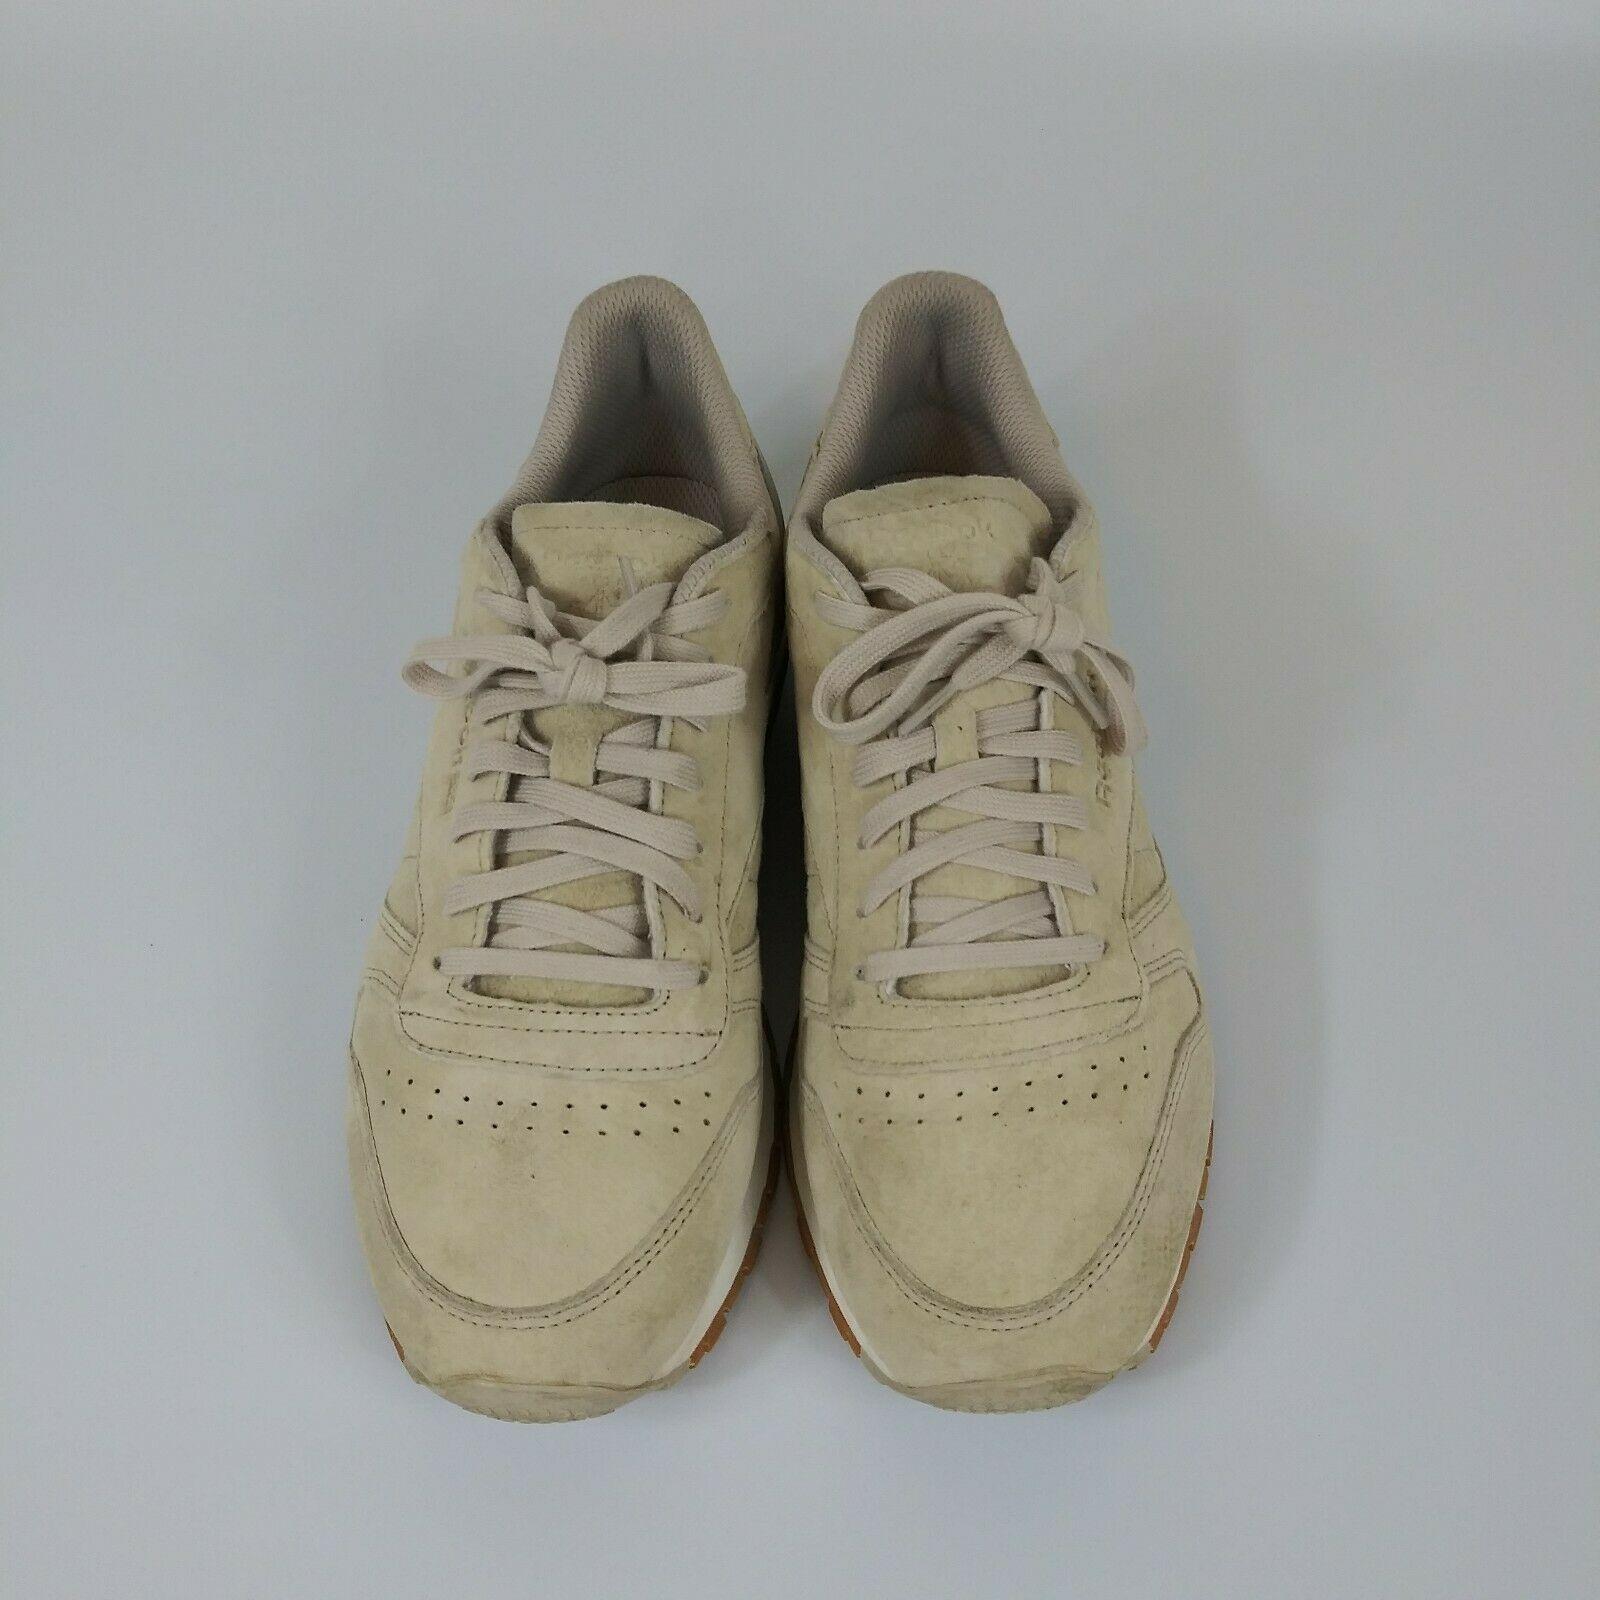 Reebok Classic Suede Shoe. Tan